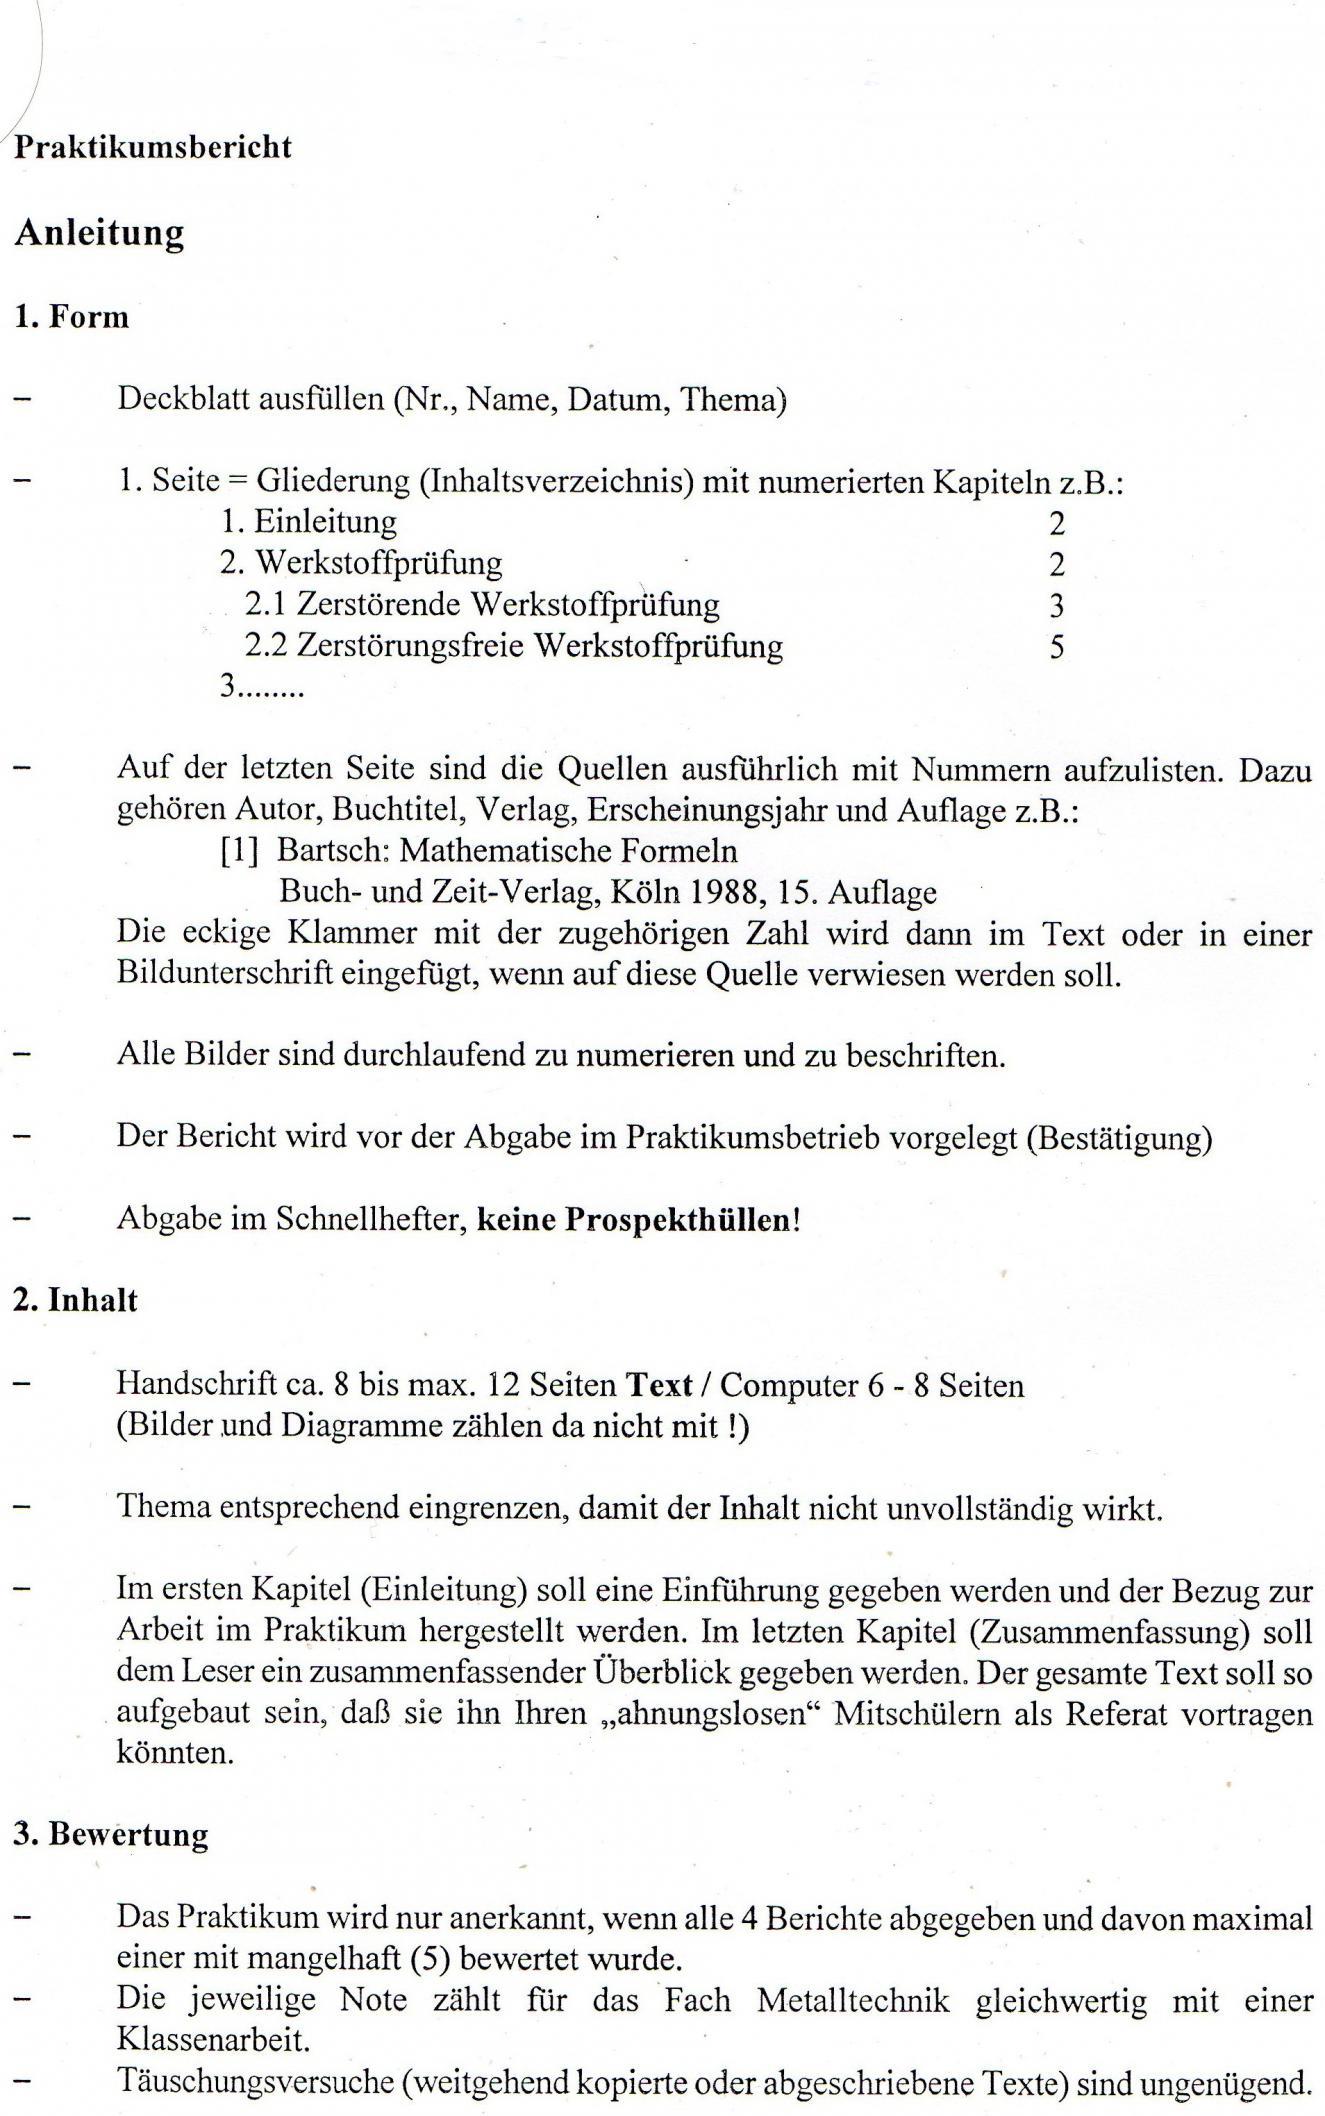 Charmant Buch Bericht Gliederung Vorlage Bilder - Beispiel ...